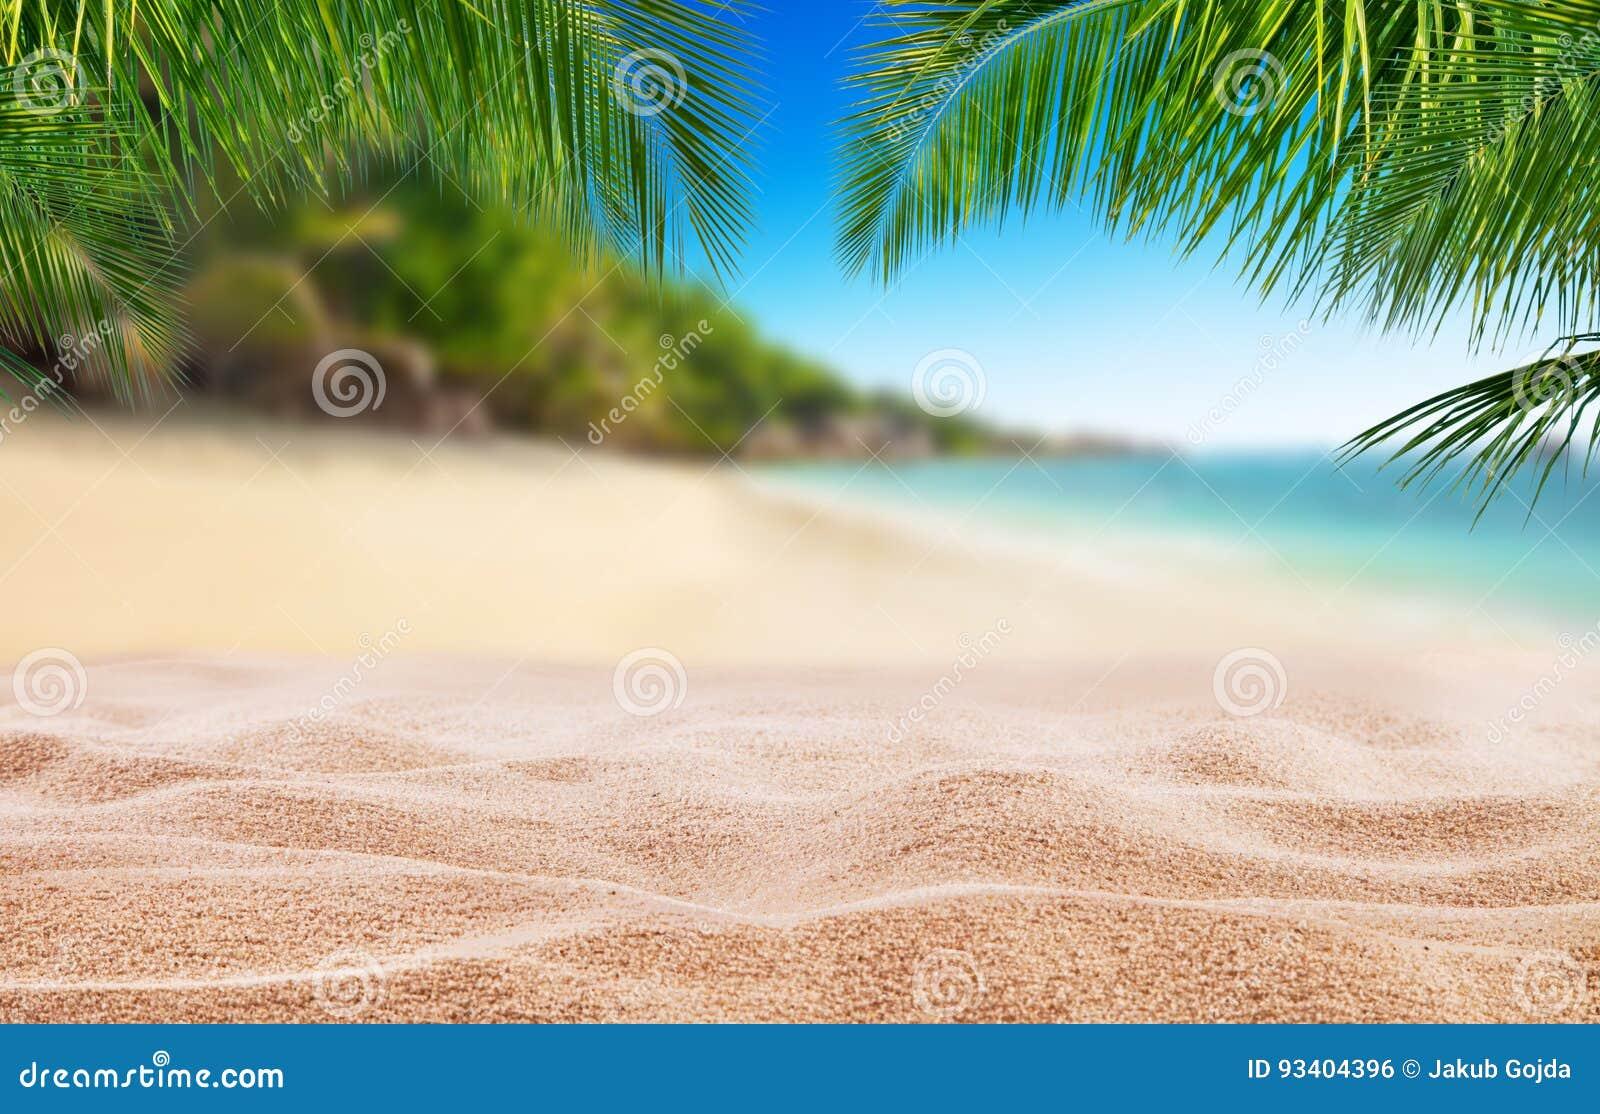 Τροπική παραλία με την άμμο, υπόβαθρο καλοκαιρινών διακοπών